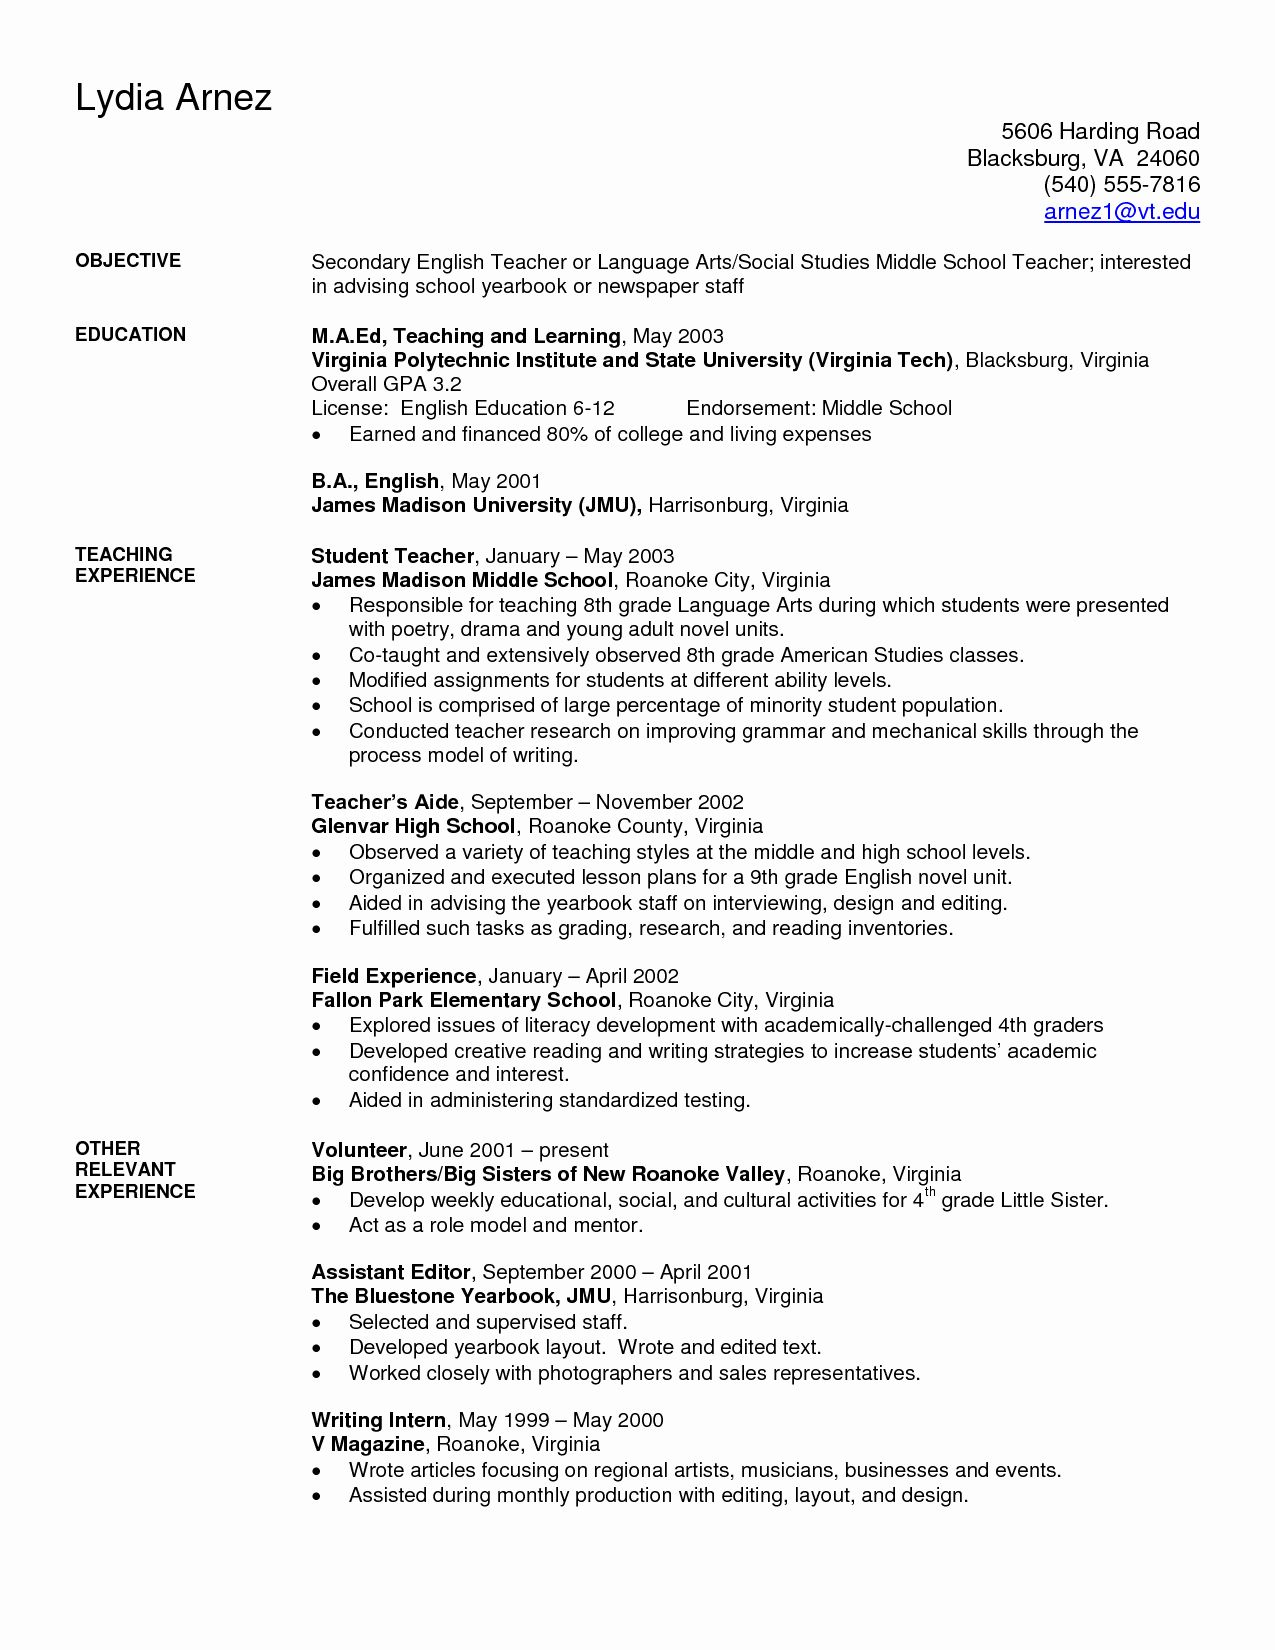 Esl Teacher Job Description Resume Awesome Art Teacher Resume Examples Sample Secondary Teacher Resume D In 2020 Teacher Resume Examples Teaching Resume Teacher Resume